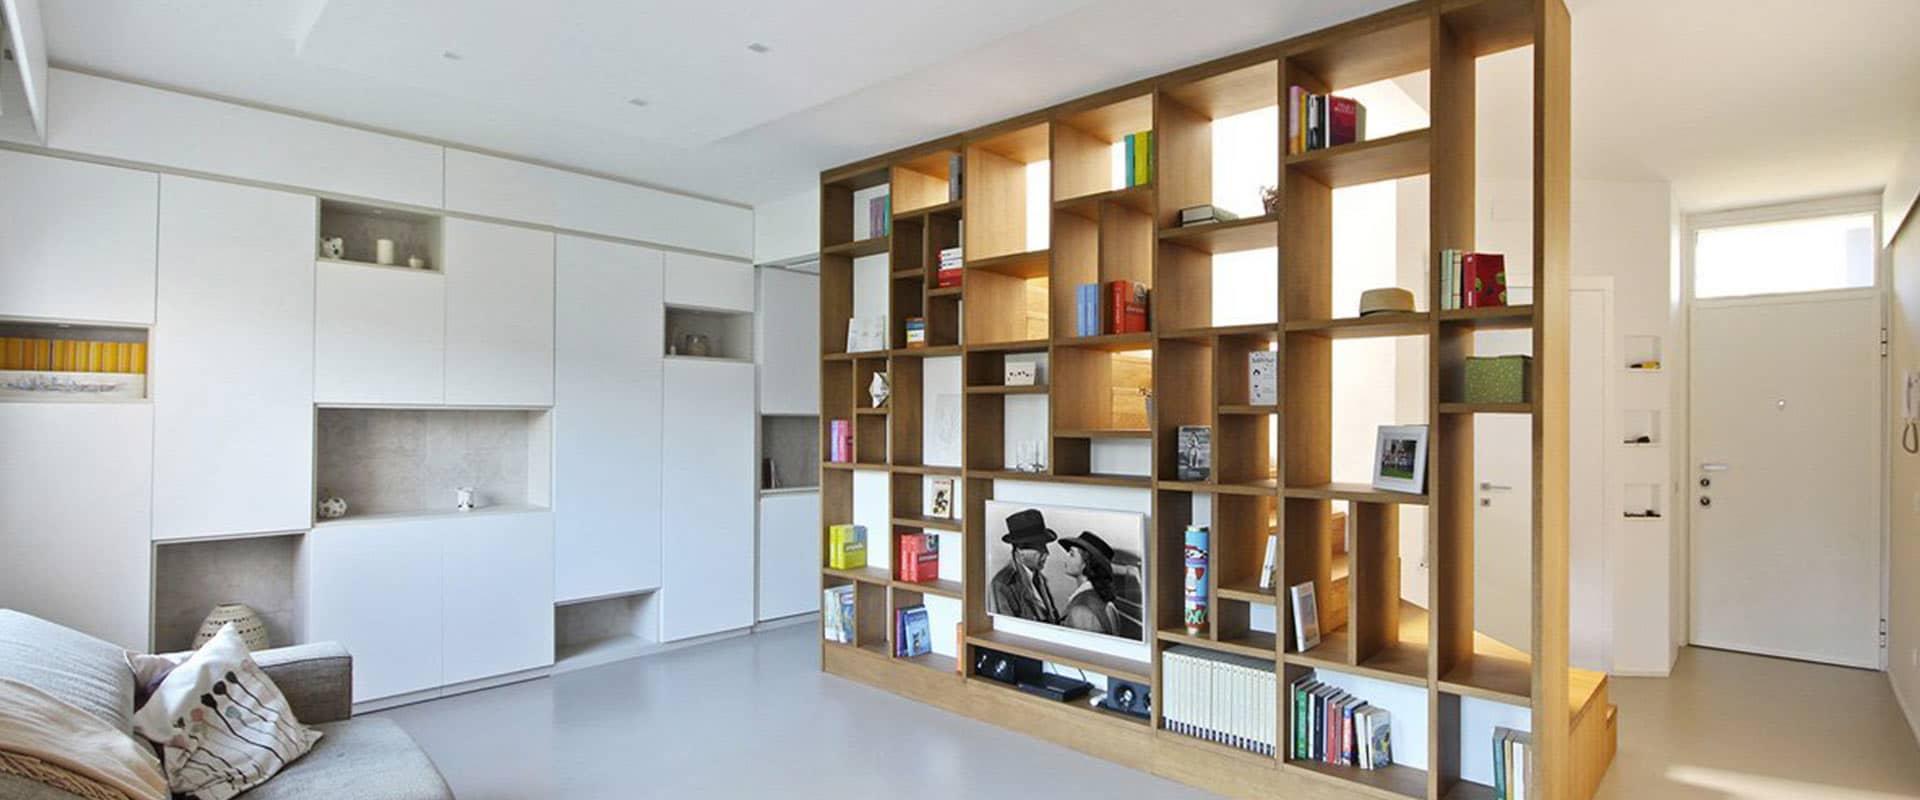 Pareti Attrezzate e Librerie Moderne in Legno | JDF FurniWall